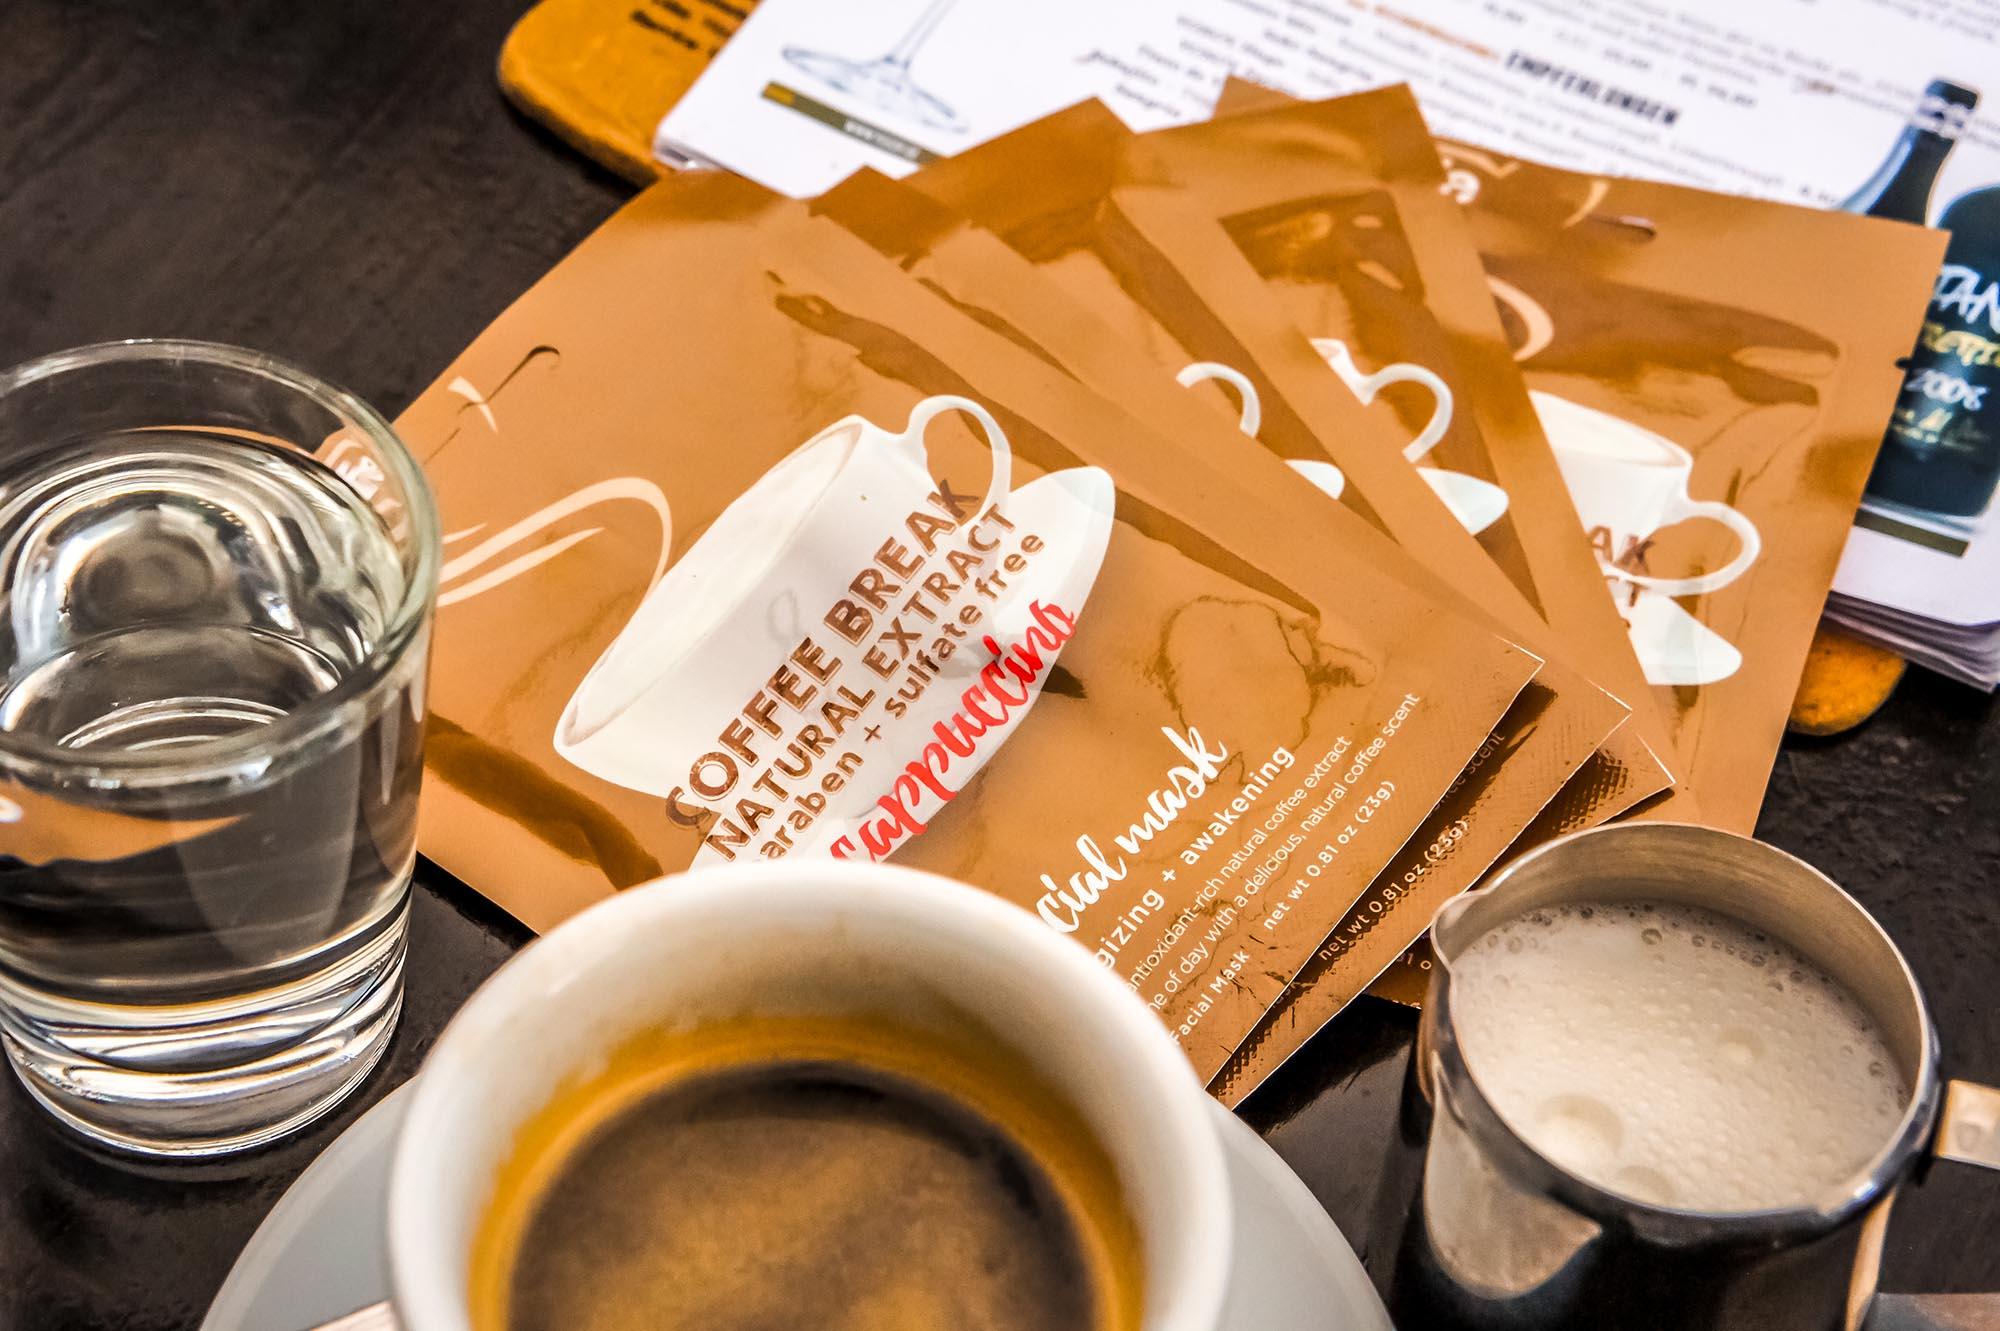 Coffee Break & Gesichtspflege in einem: Tuchmasken mit Kaffee